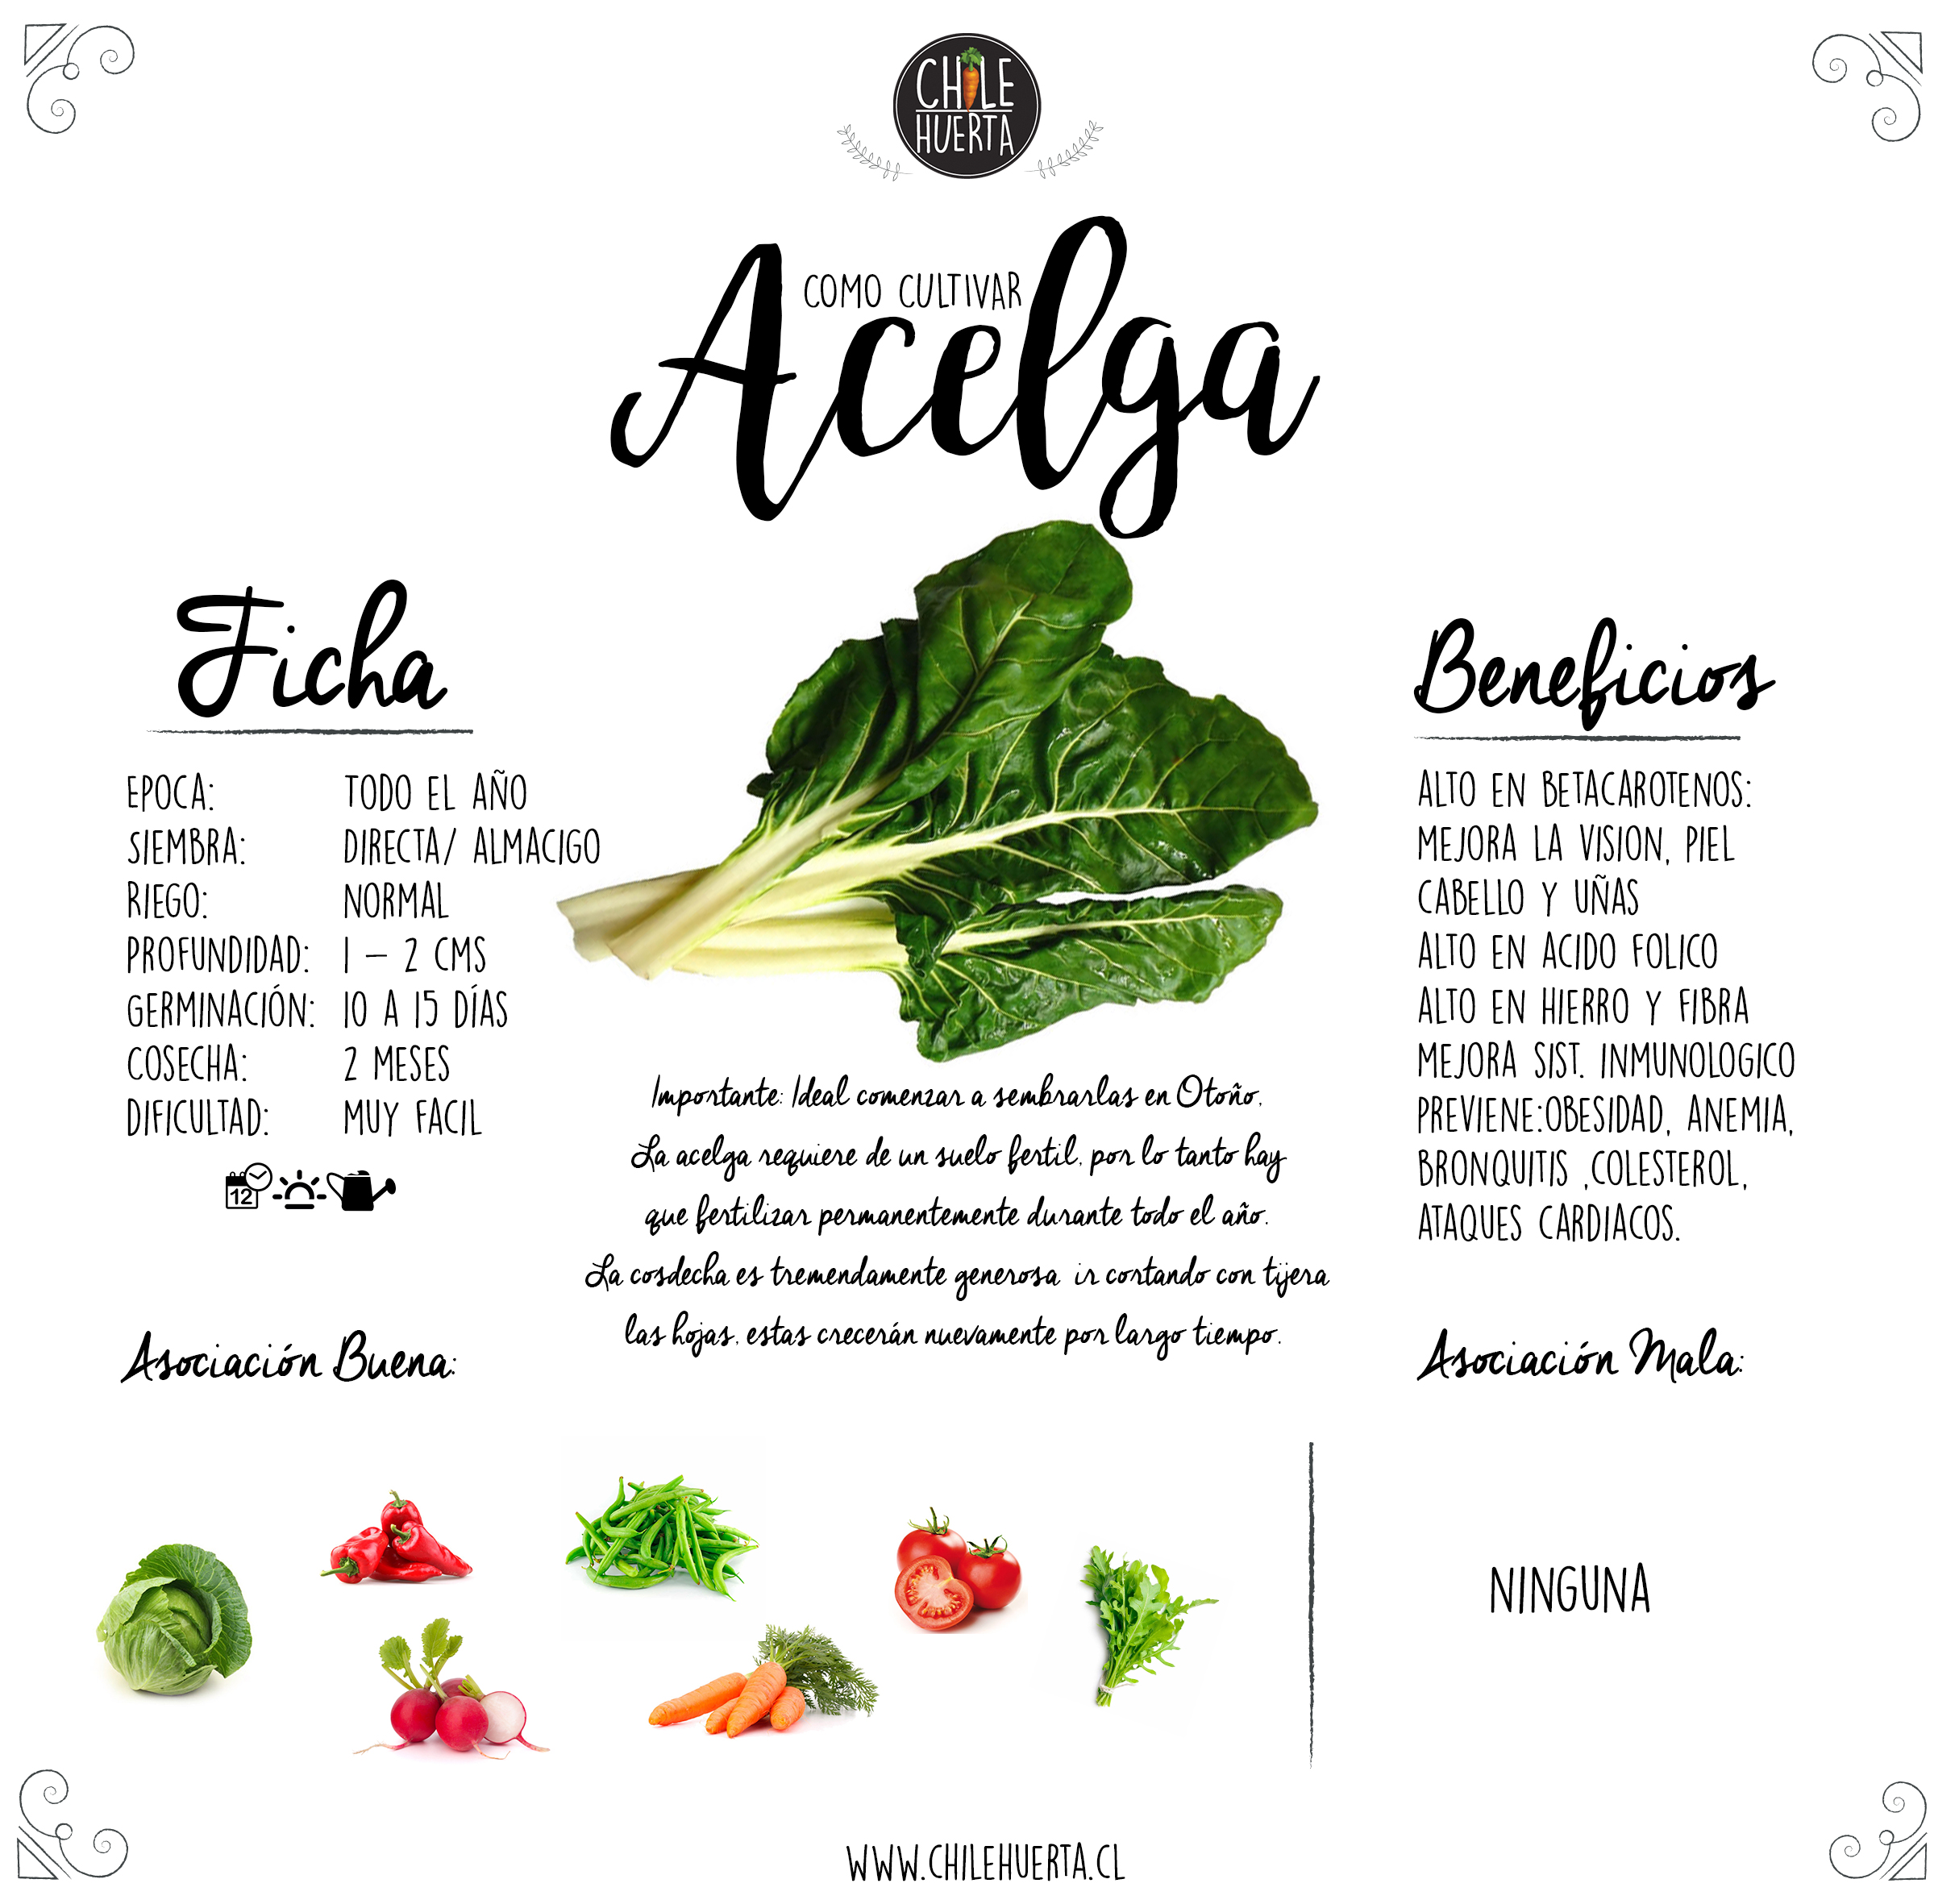 alimentos para la gota pdf alimentos que no se pueden comer con acido urico alto enfermedad acido urico alto